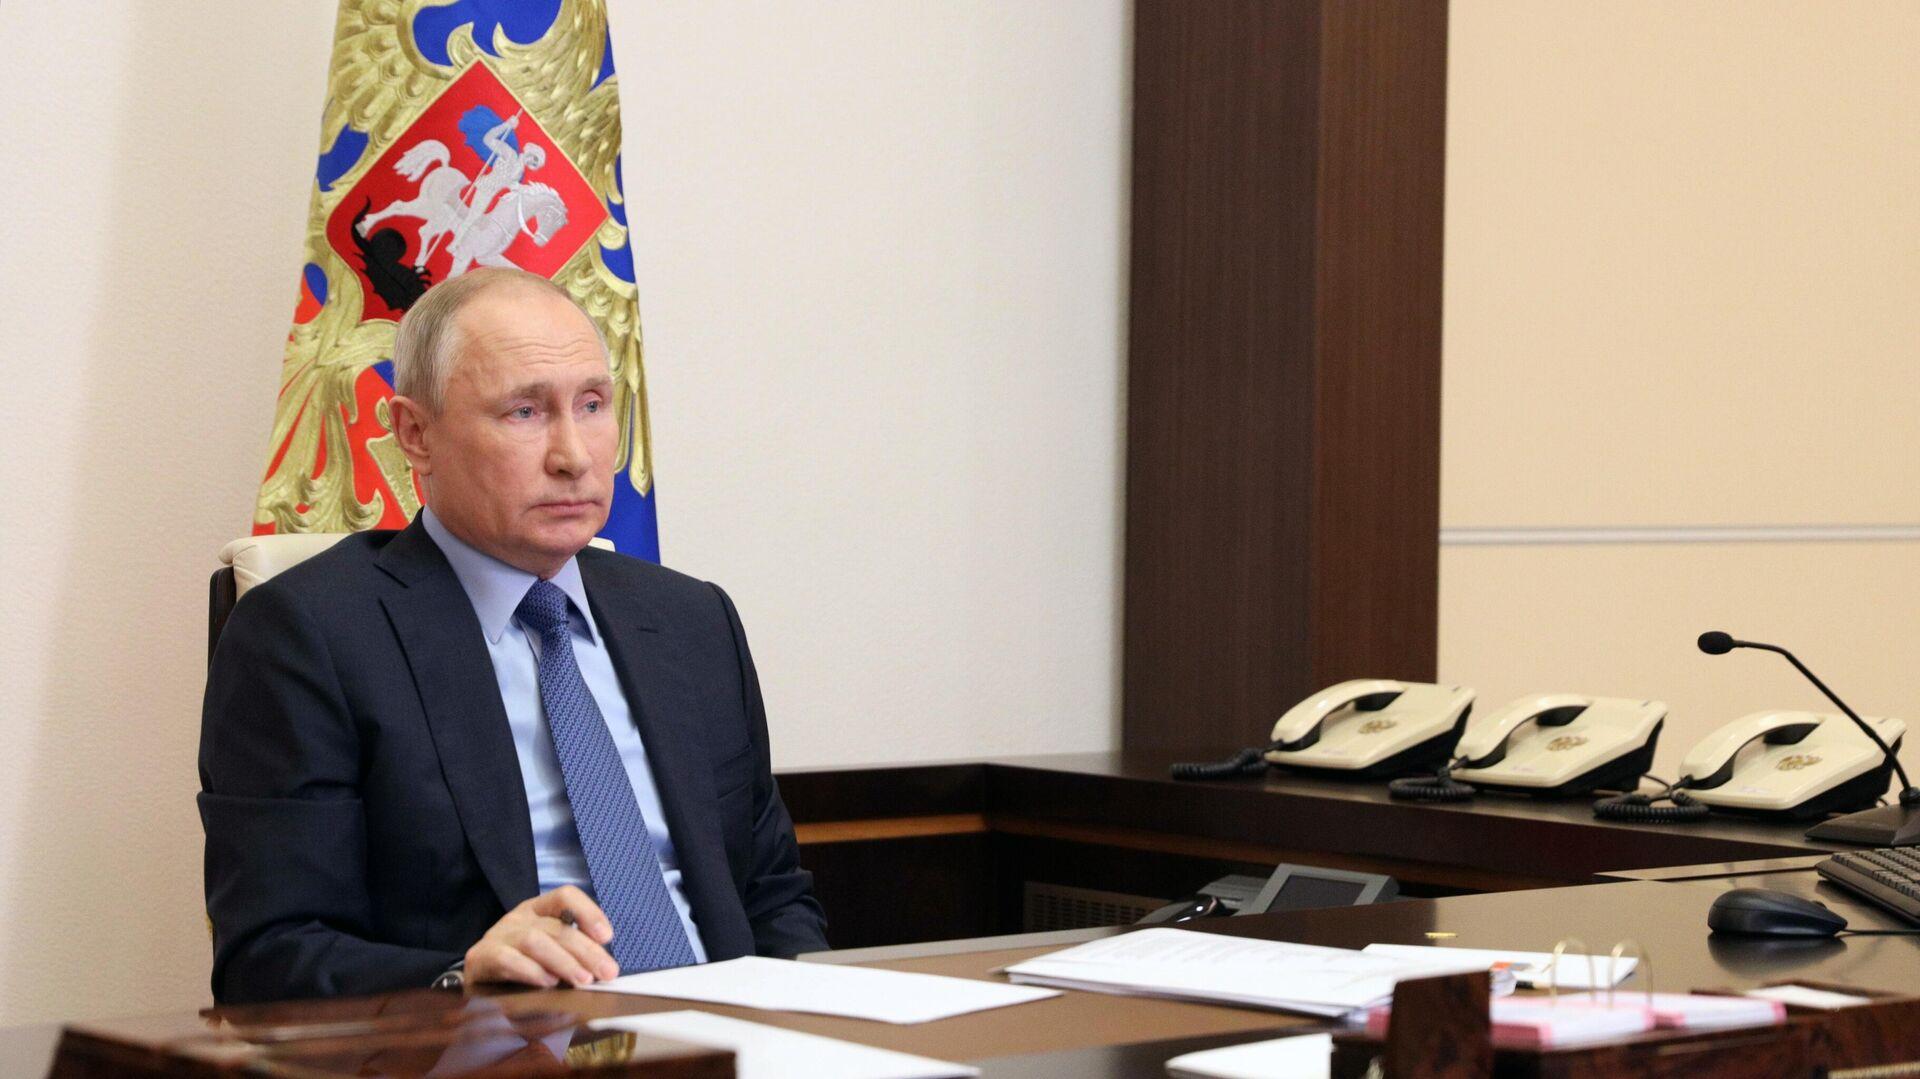 Путин обсудил отношения с Китаем с членом политбюро ЦК КПК Цзечи